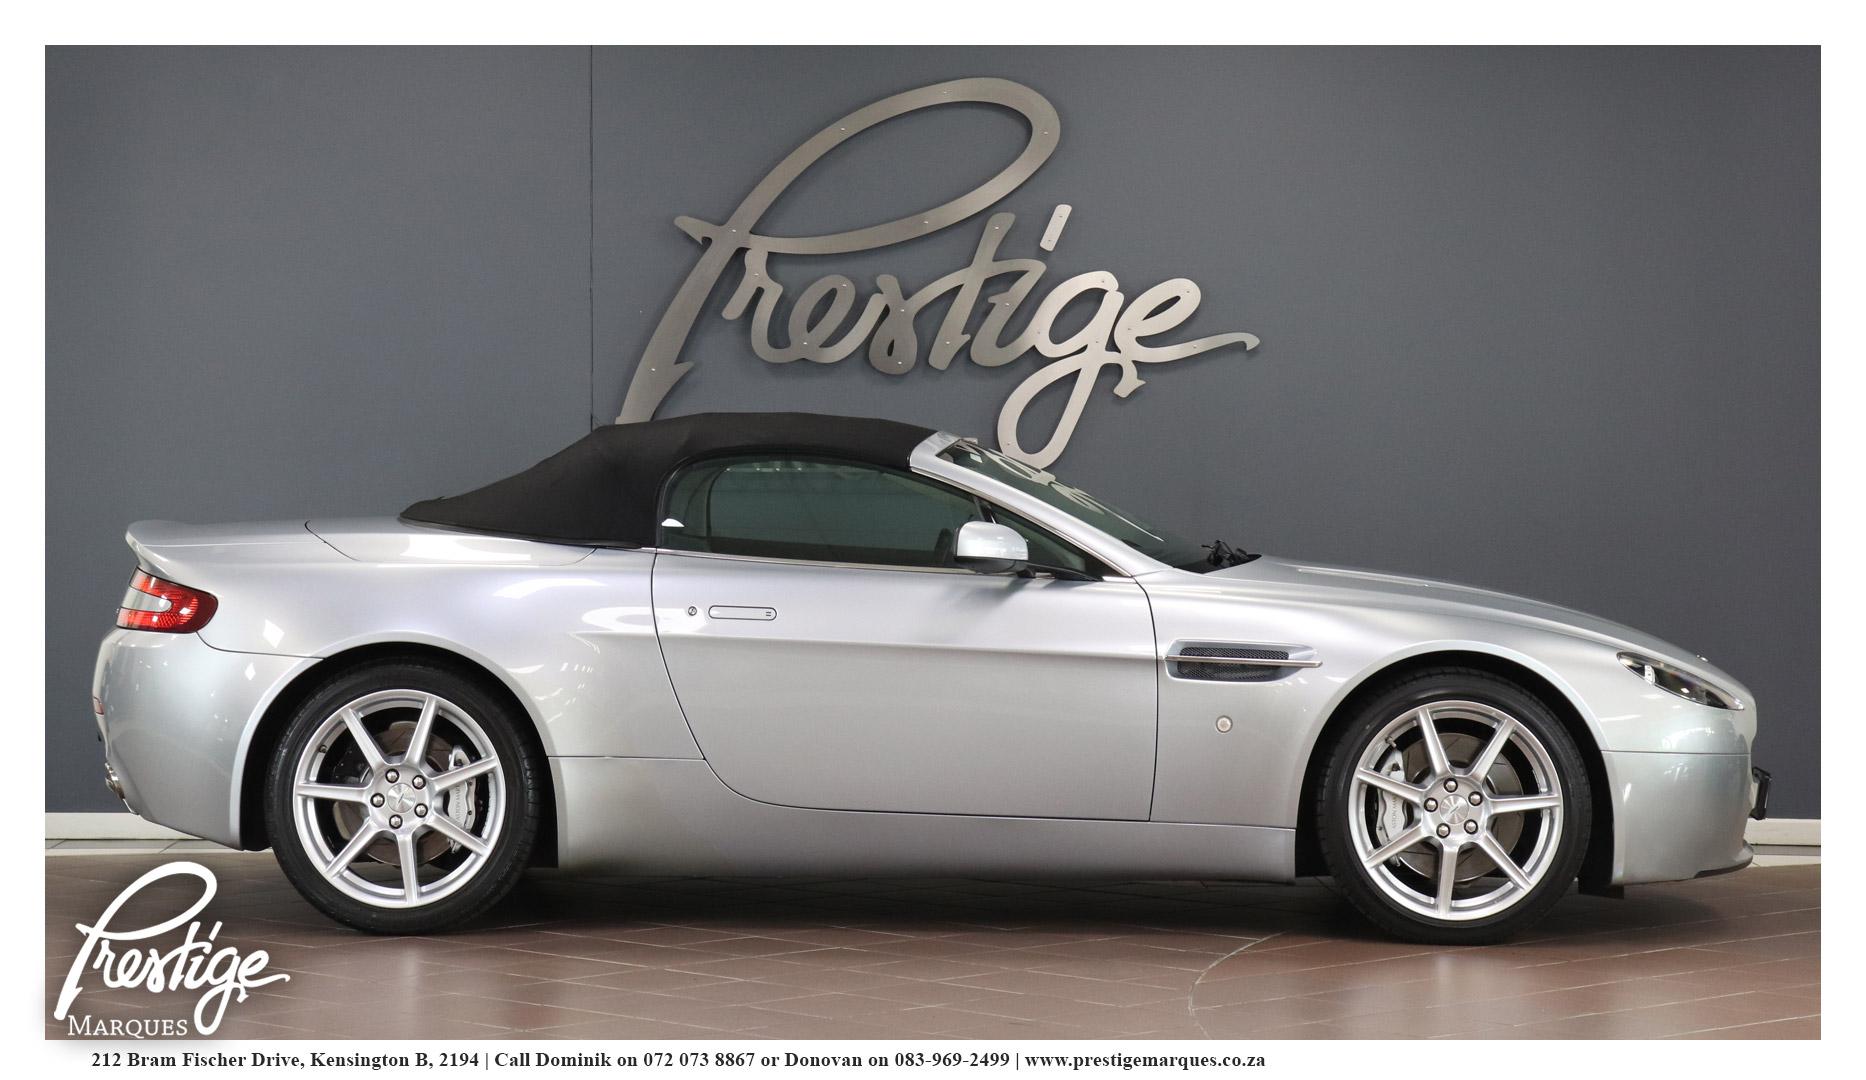 Aston-Martin-V8-Vantage-Convertible-Auto-Prestige-Marques-Sandton-3